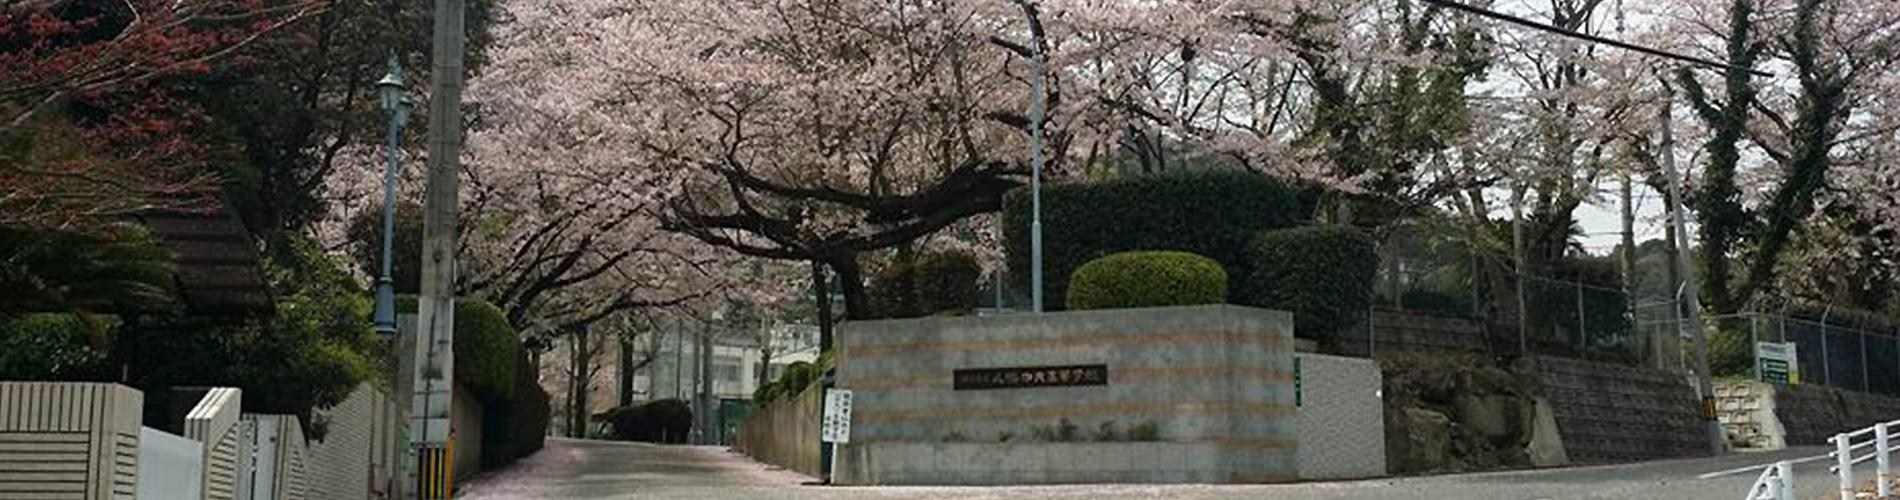 八幡中央高等学校(正門)